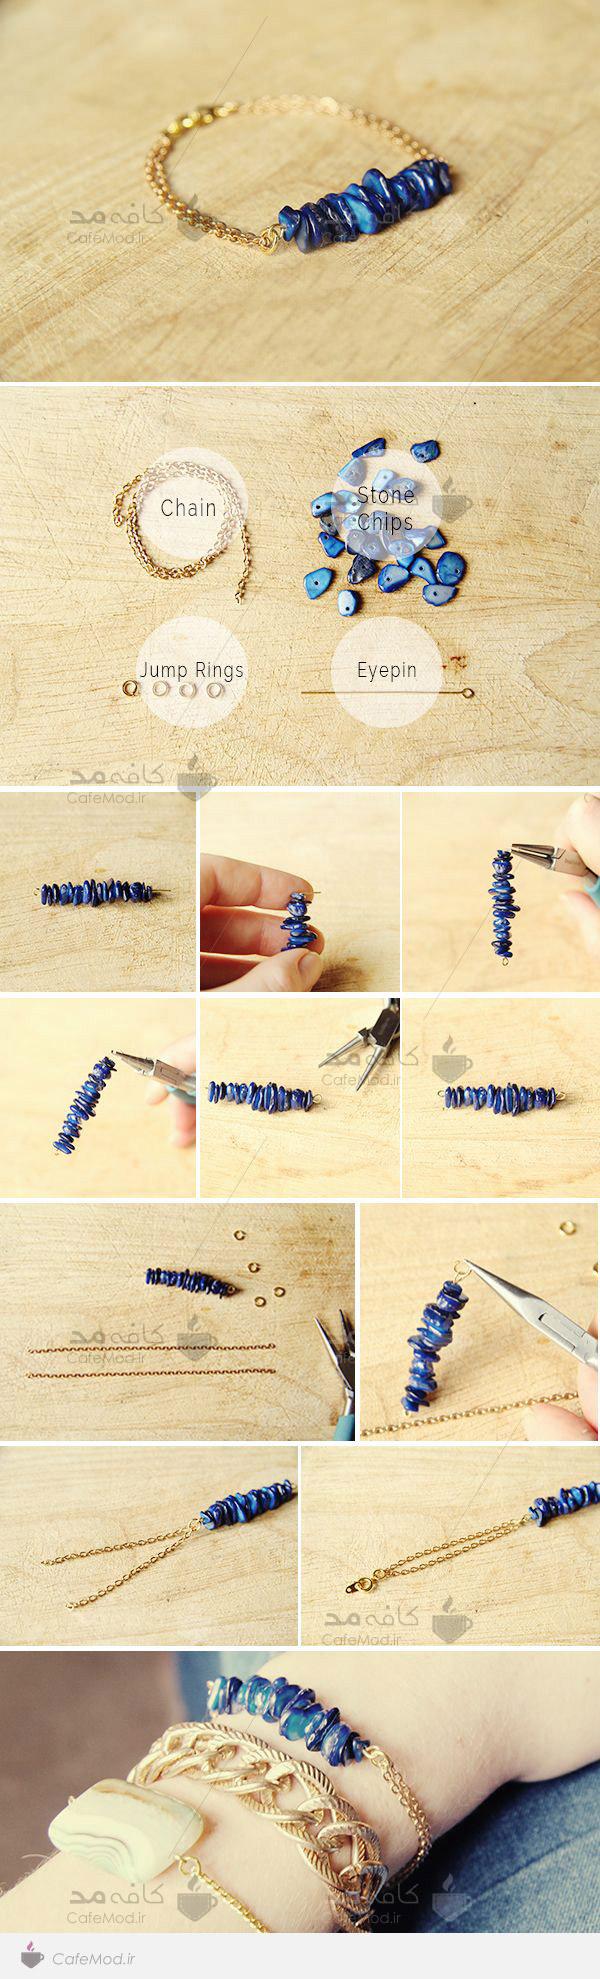 آموزش ساخت دستبند زنجیری